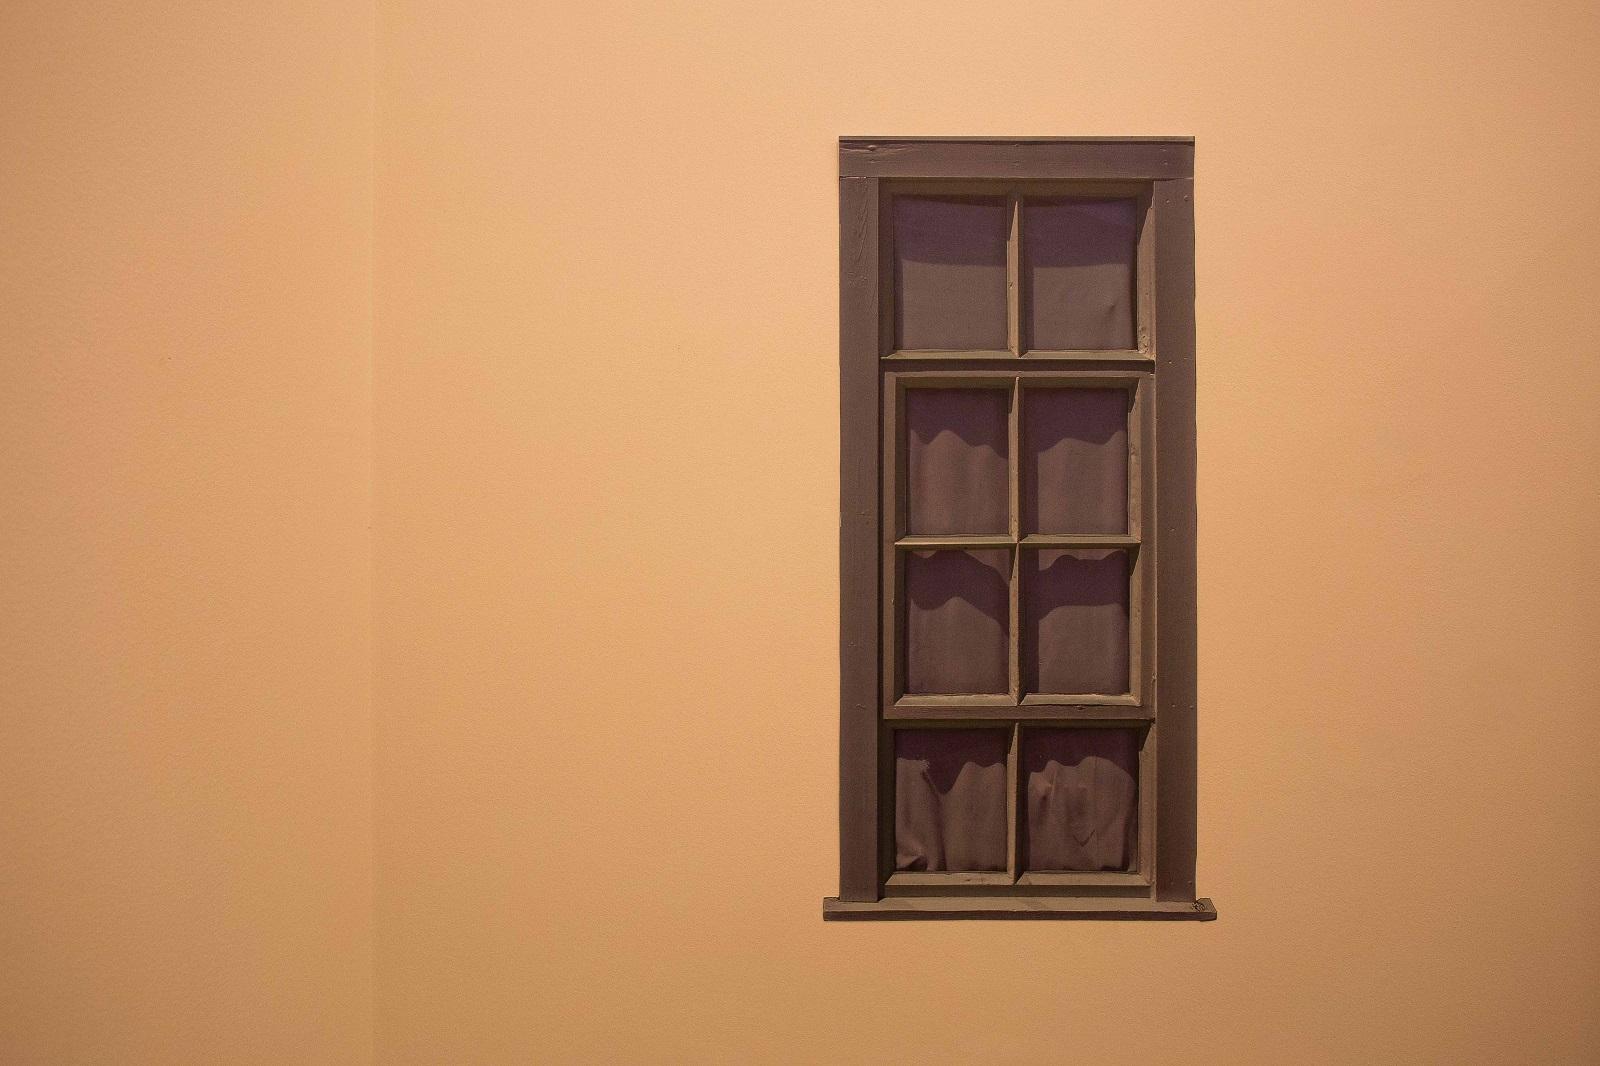 sbagliato-at-galleria-toselli-recap-10